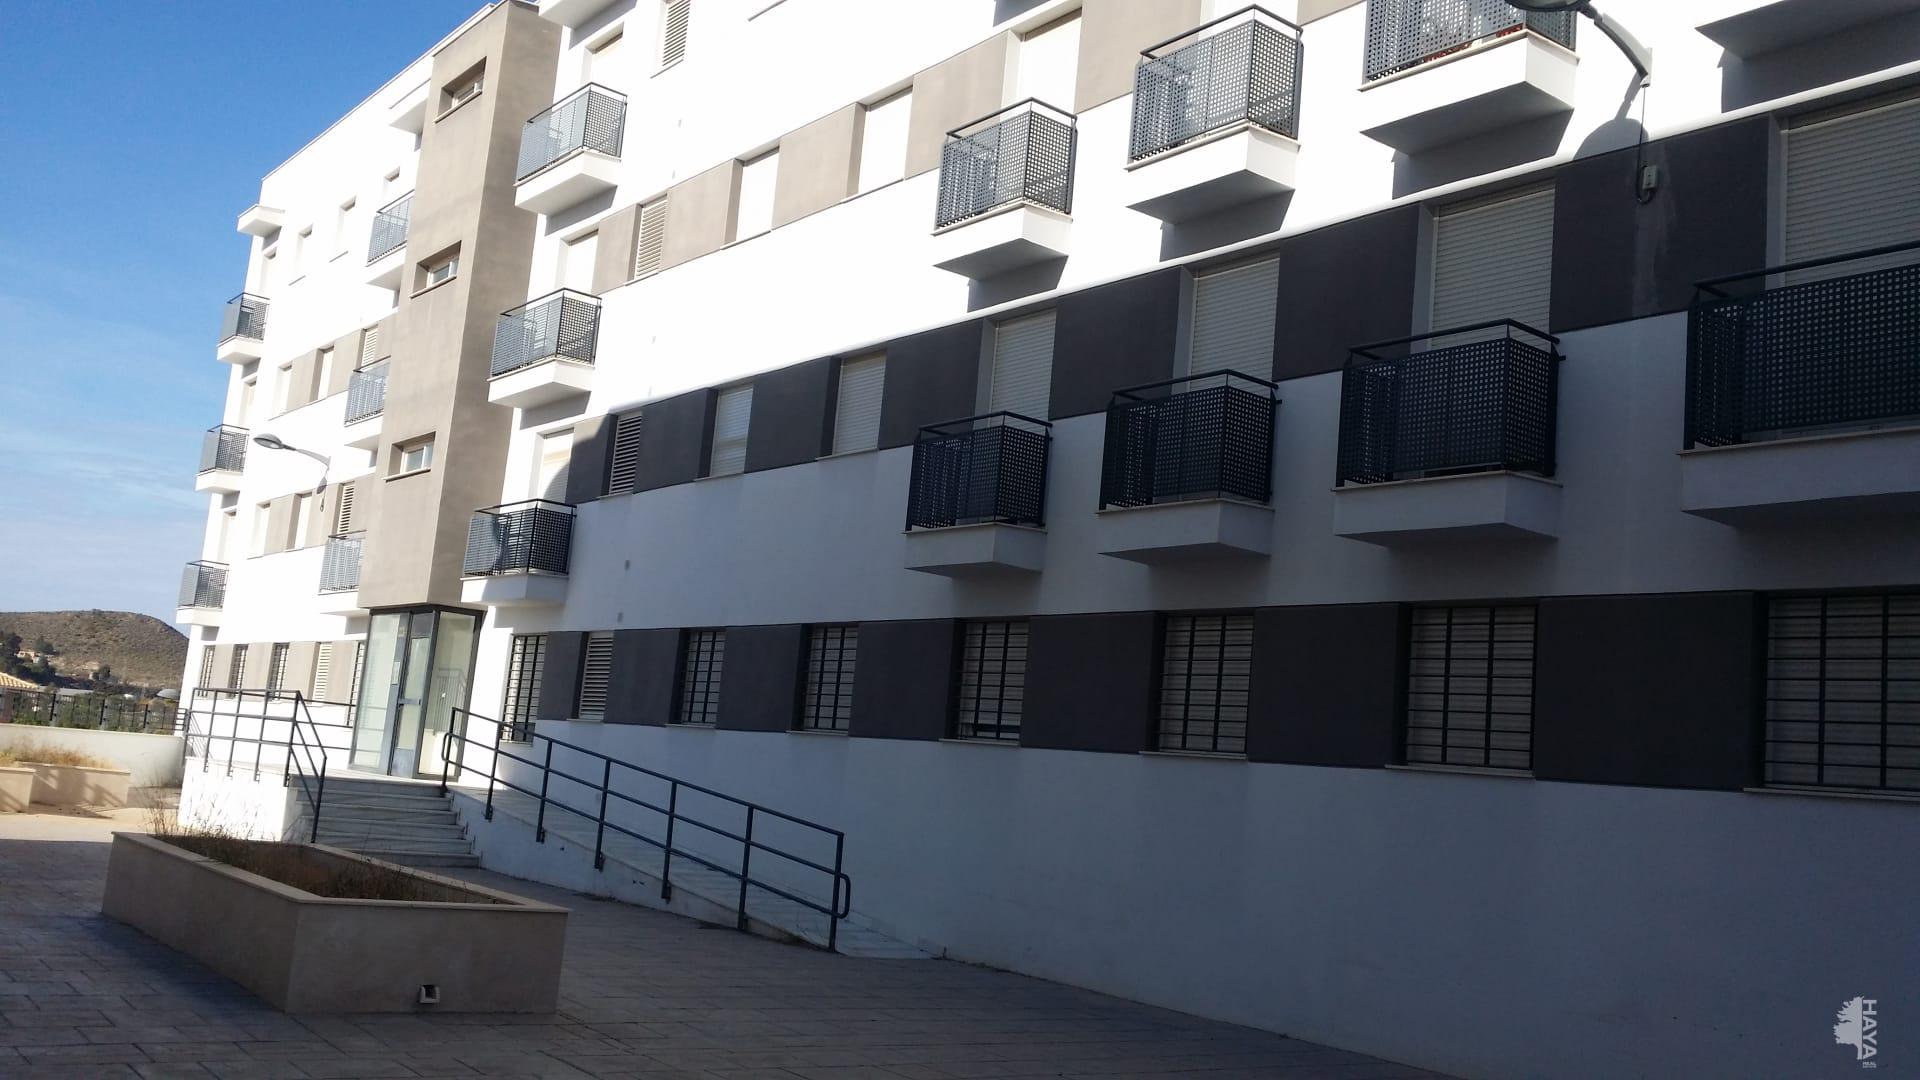 Piso en venta en Olula del Río, Almería, Calle Alta, 50.300 €, 2 habitaciones, 1 baño, 71 m2